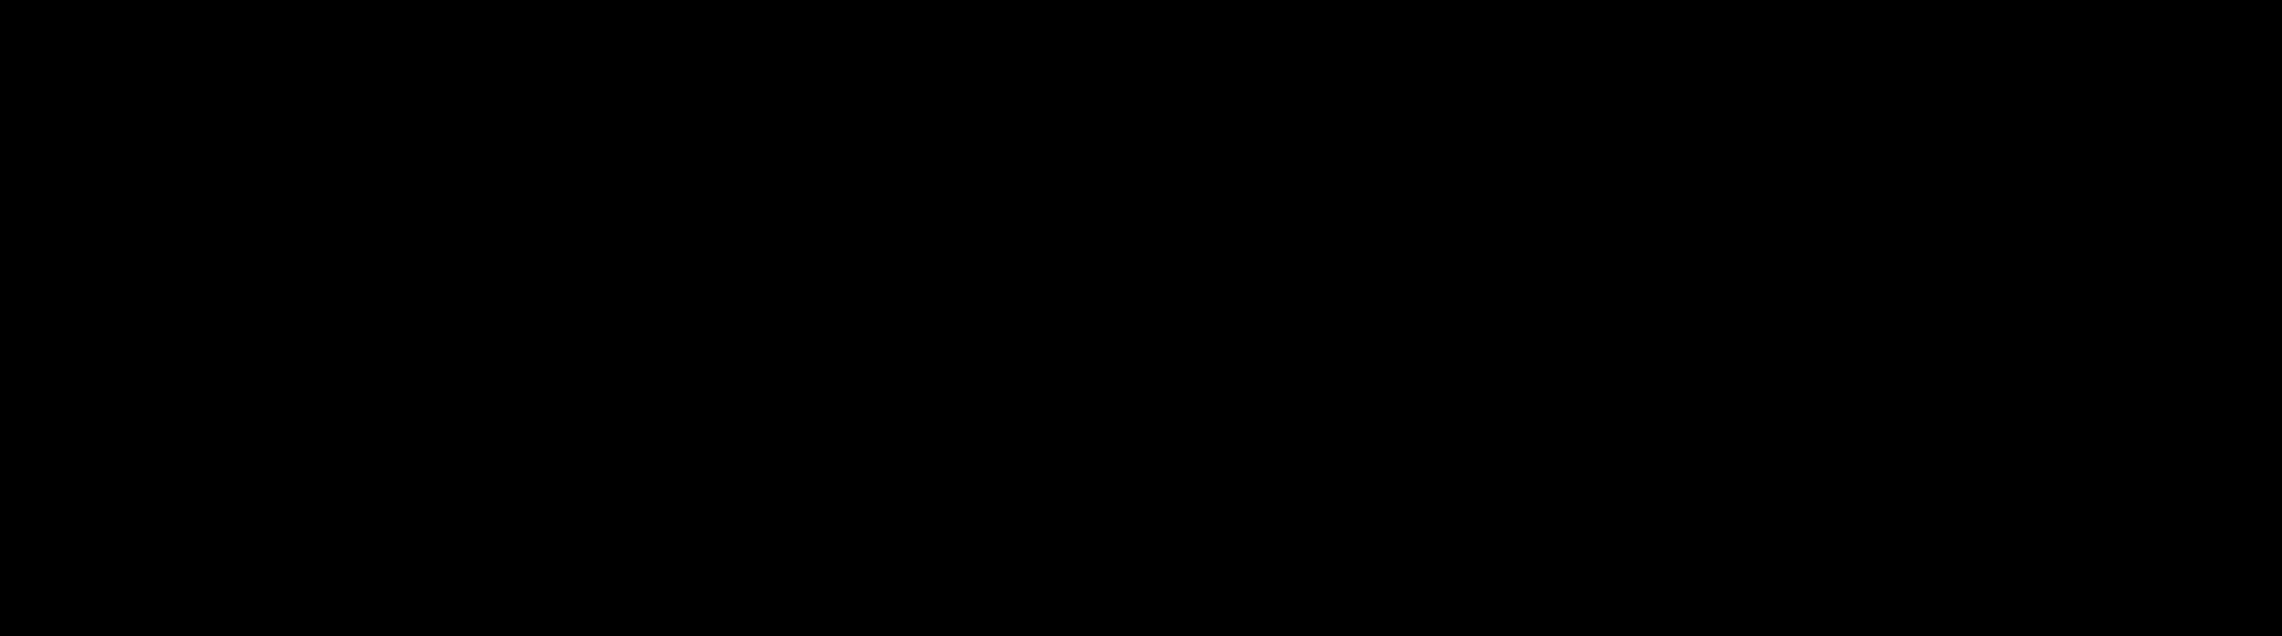 O6-(4-Glutarylamidomethylbenzyl)guanine NHS ester